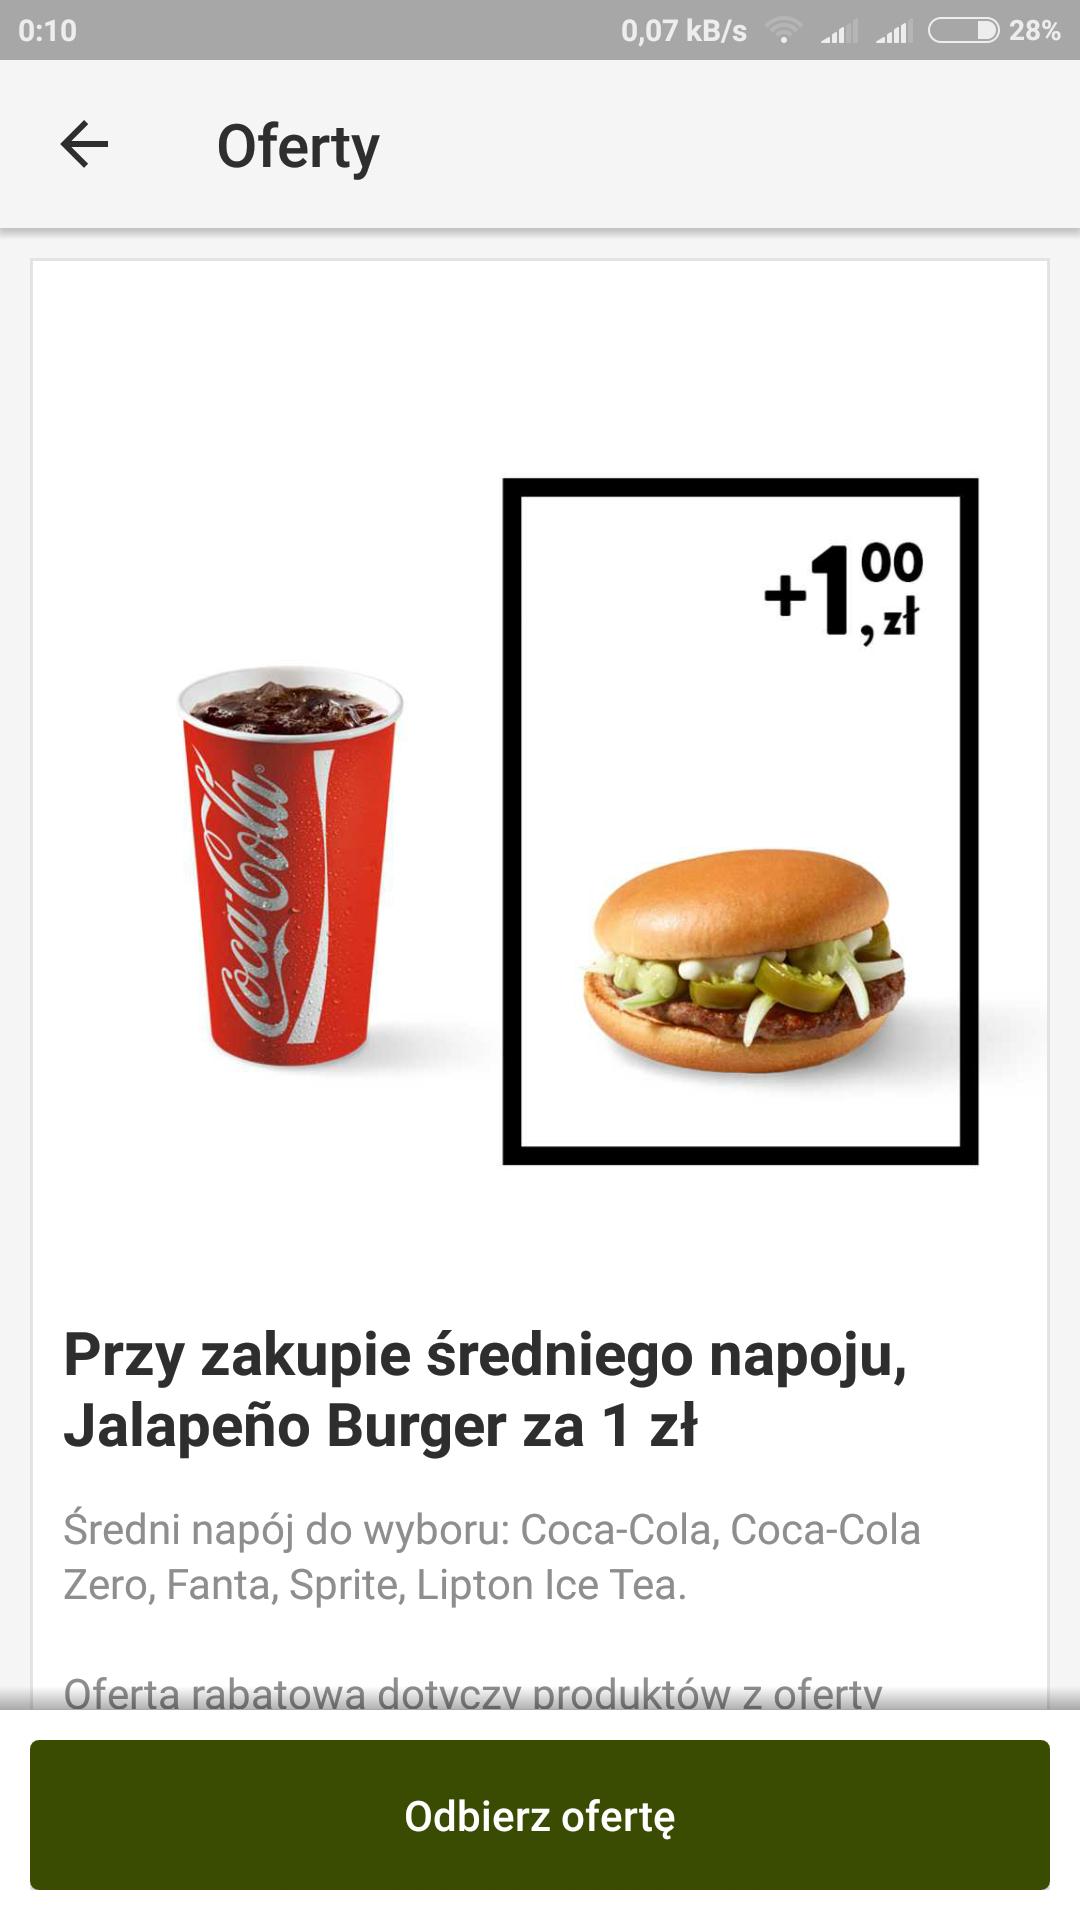 McDonald's przy zakupie średniego napoju jalapeno burger za 1 zl